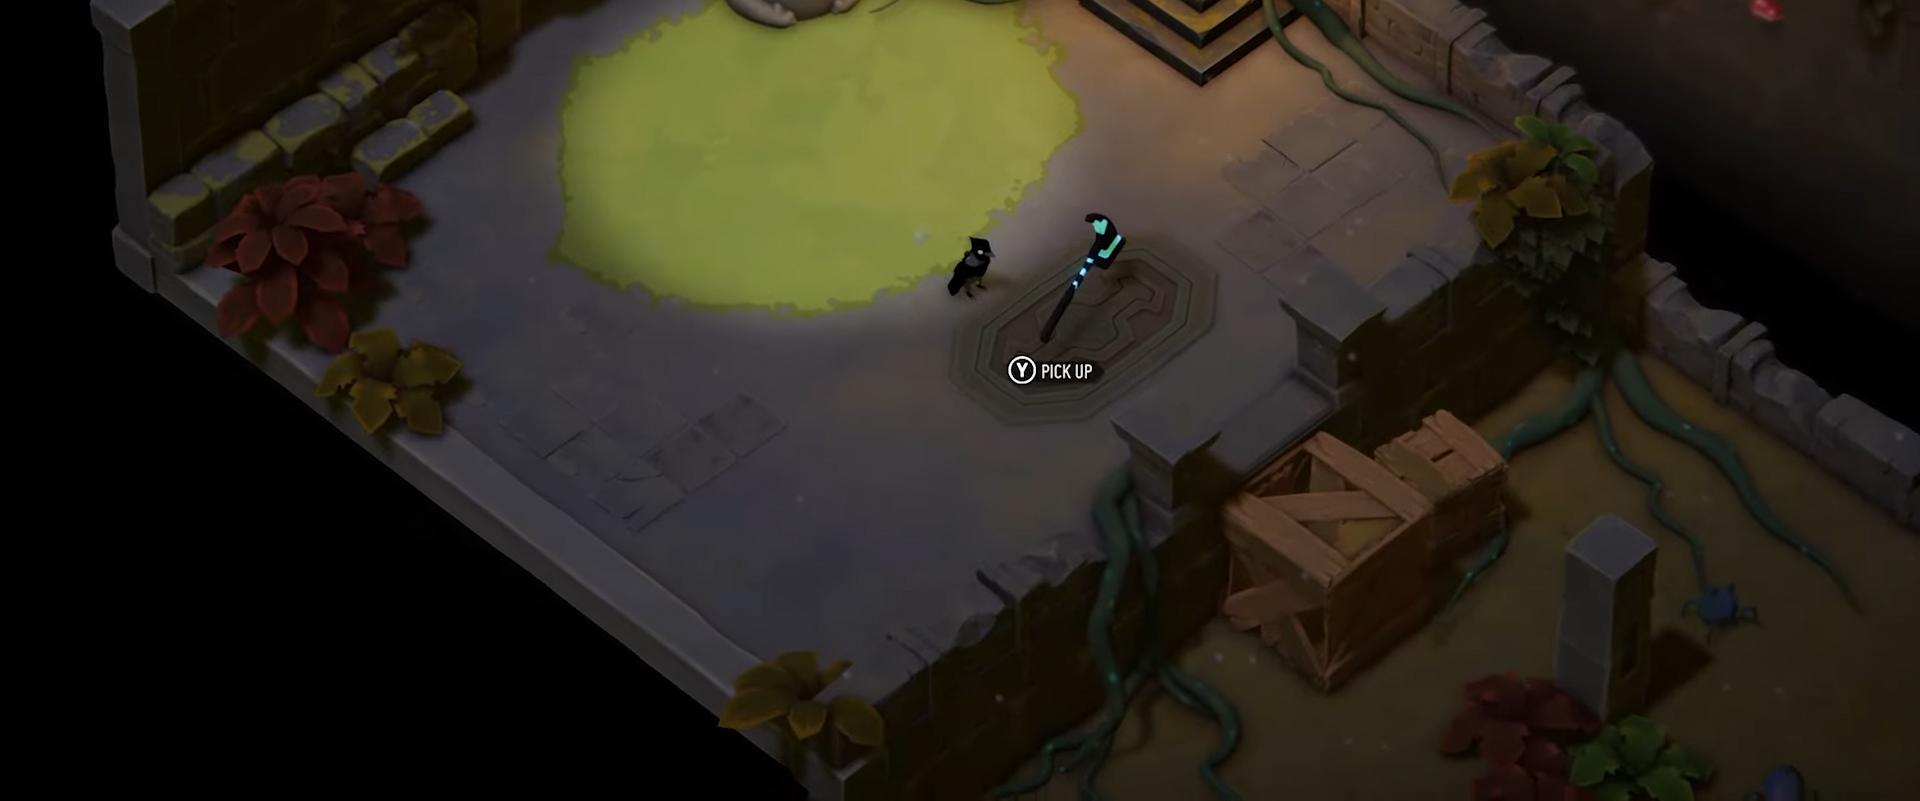 Death's Door image 50